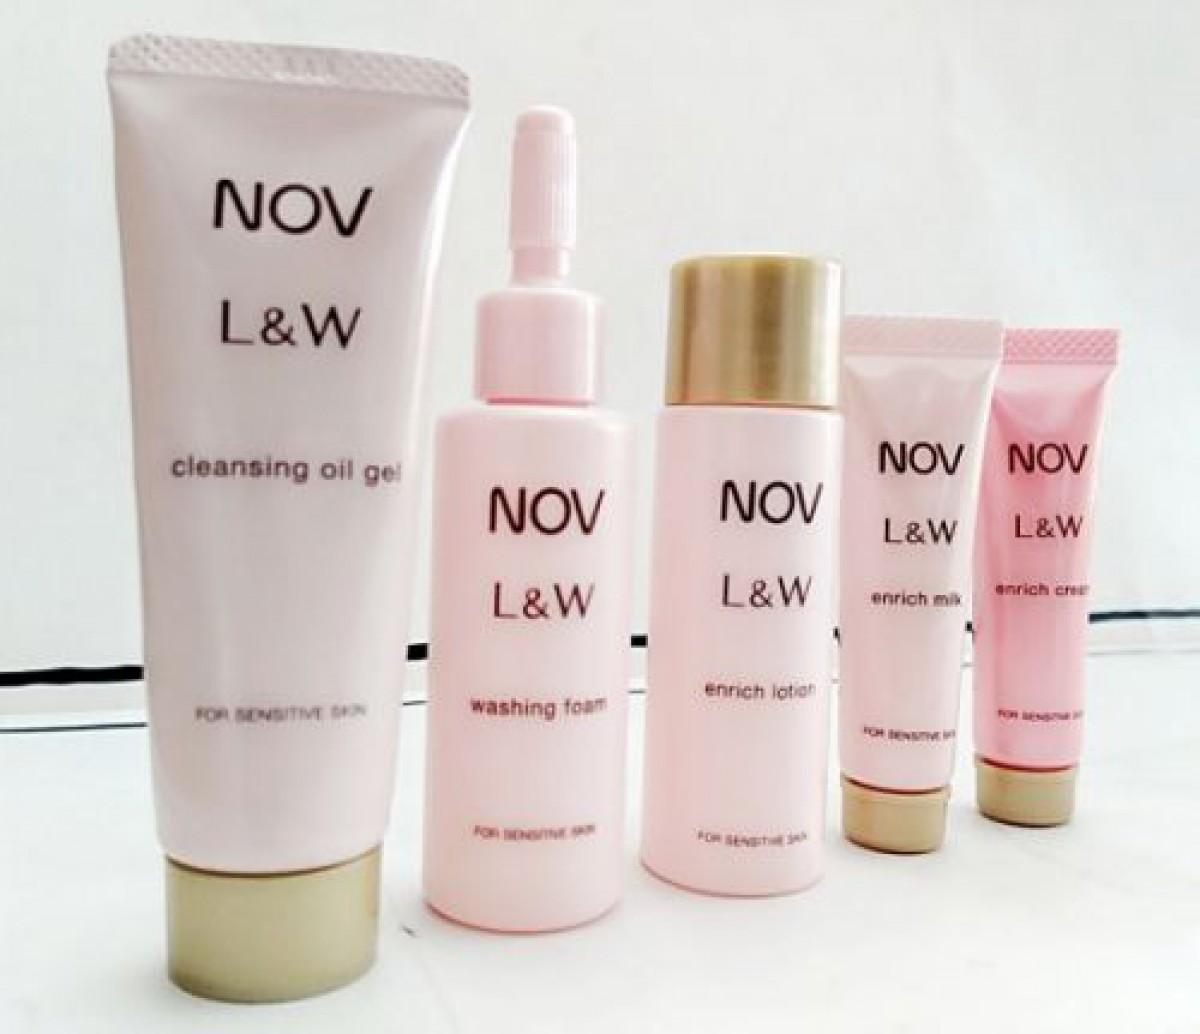 敏感肌でも攻めのエイジングケアが出来る‼NOV(ノブ)L&W シリーズトライアルセット